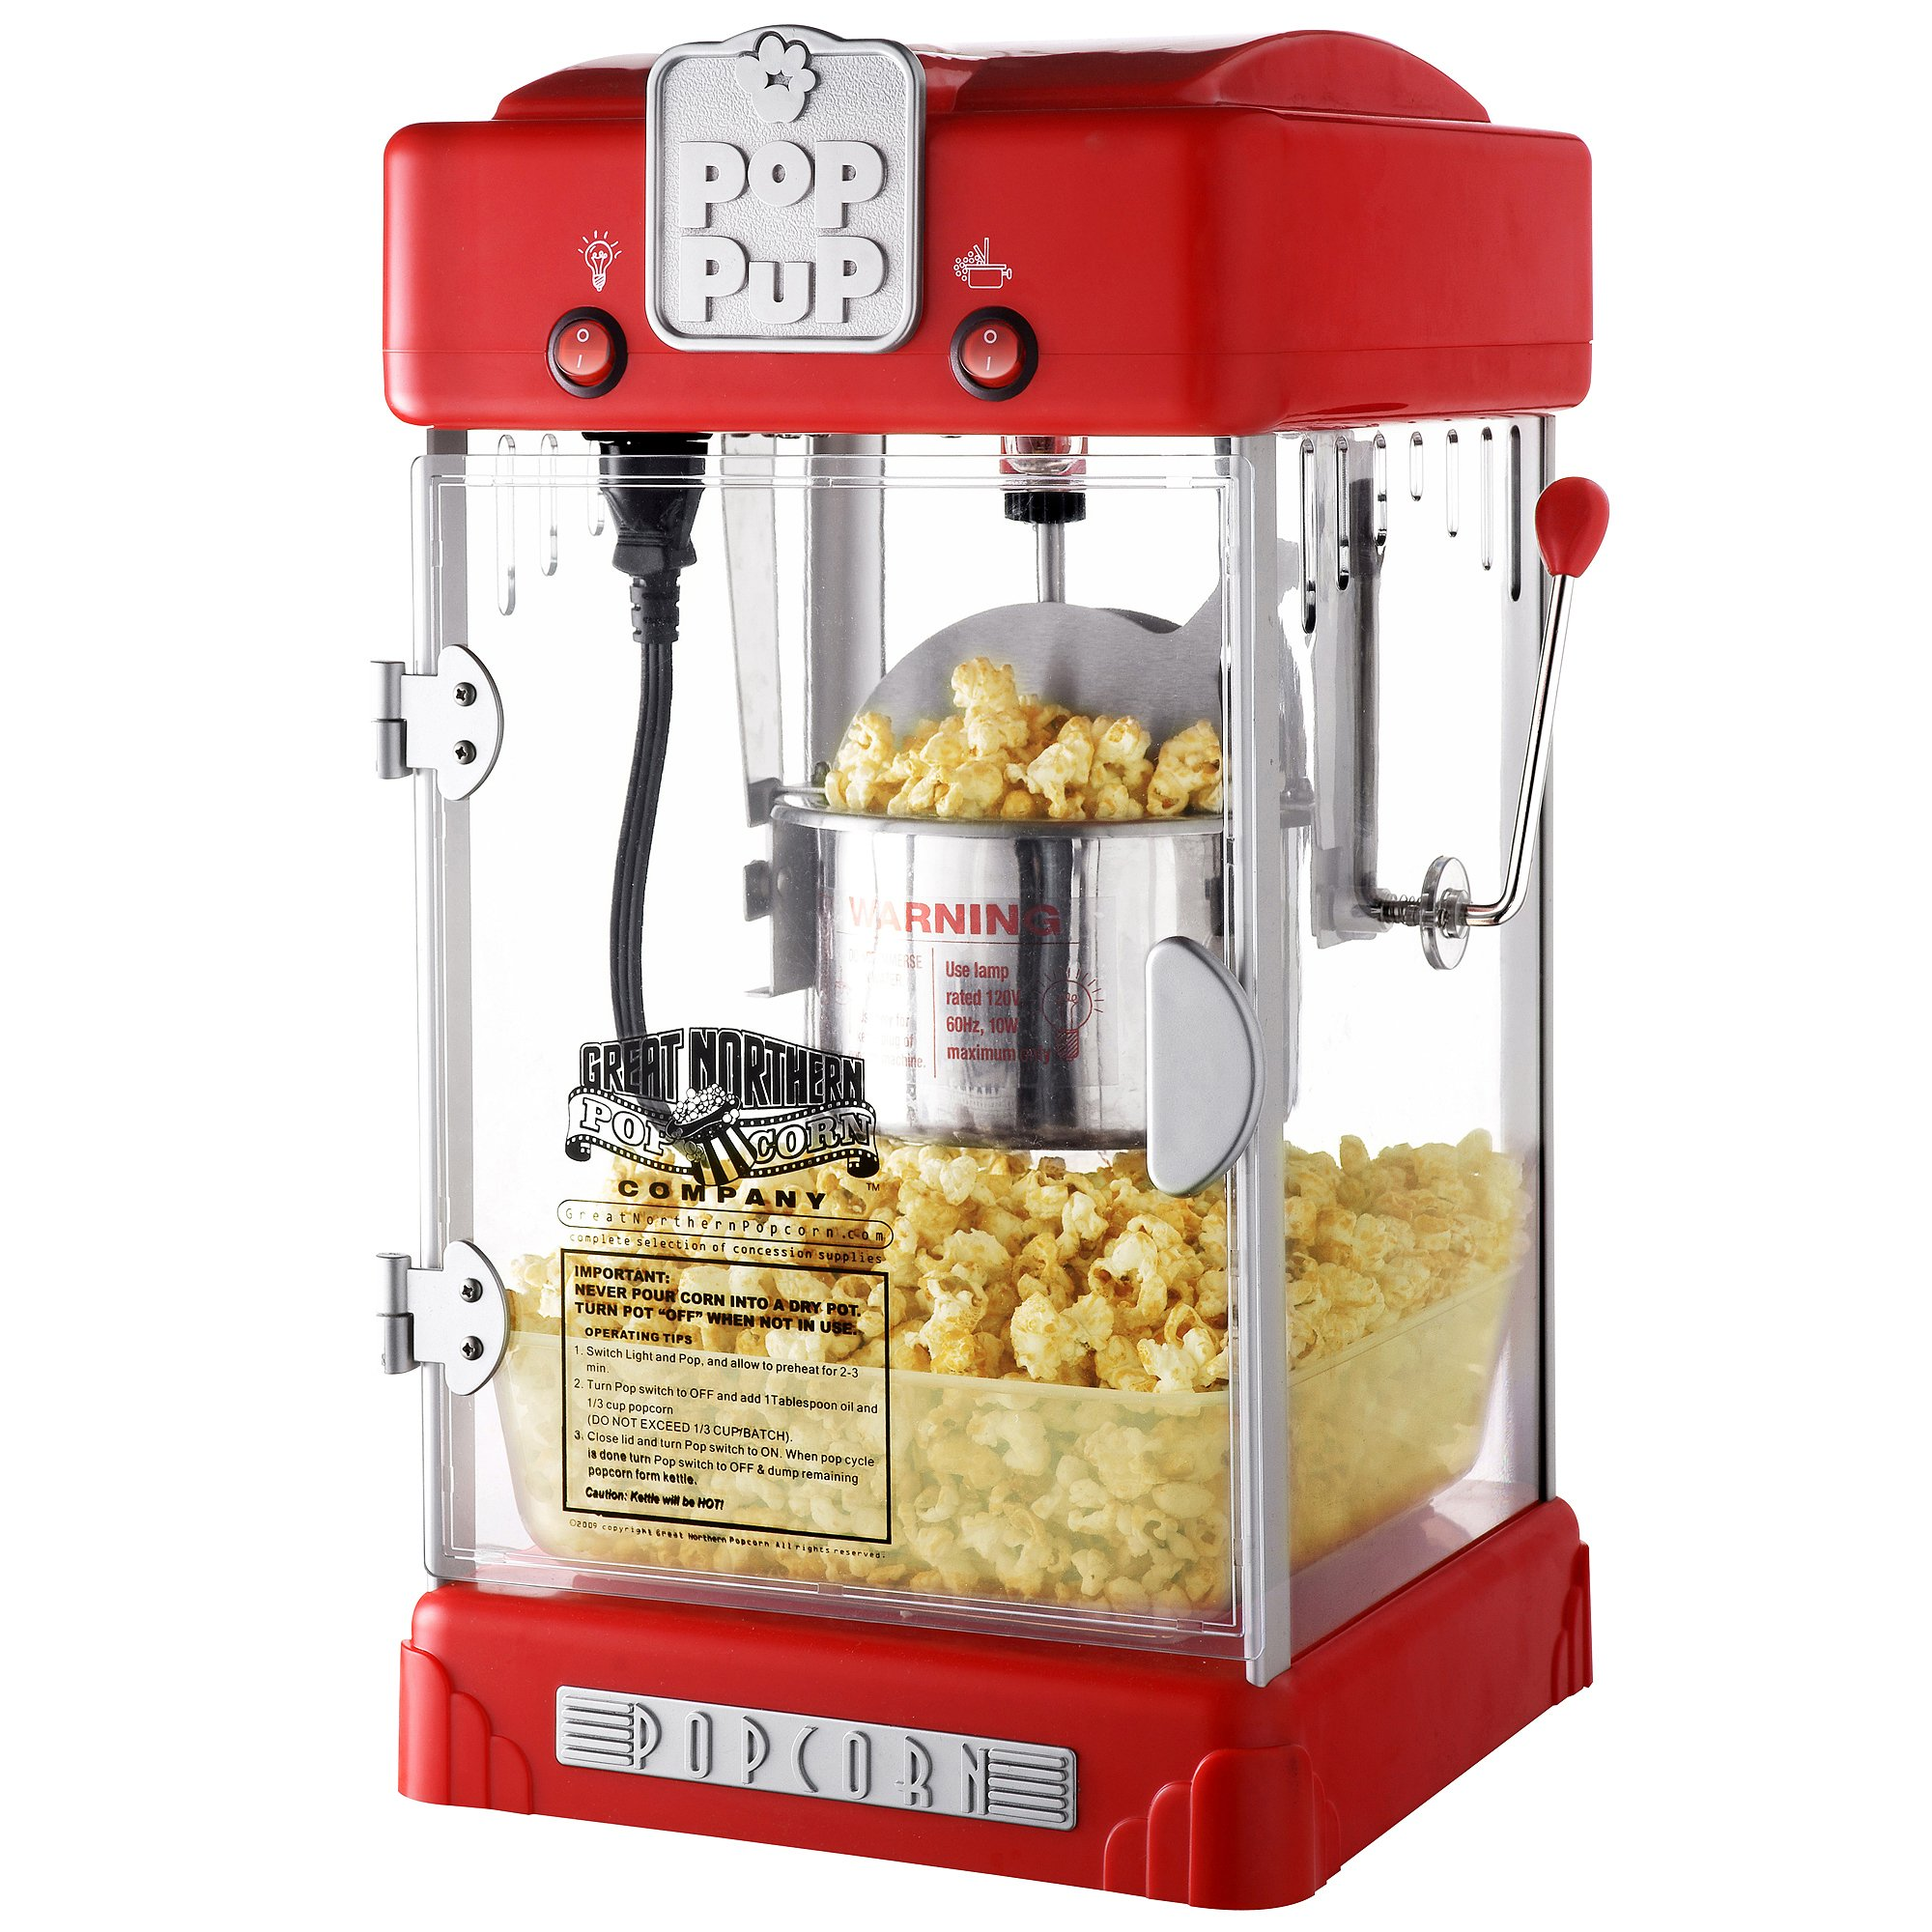 2oz popcorn machine